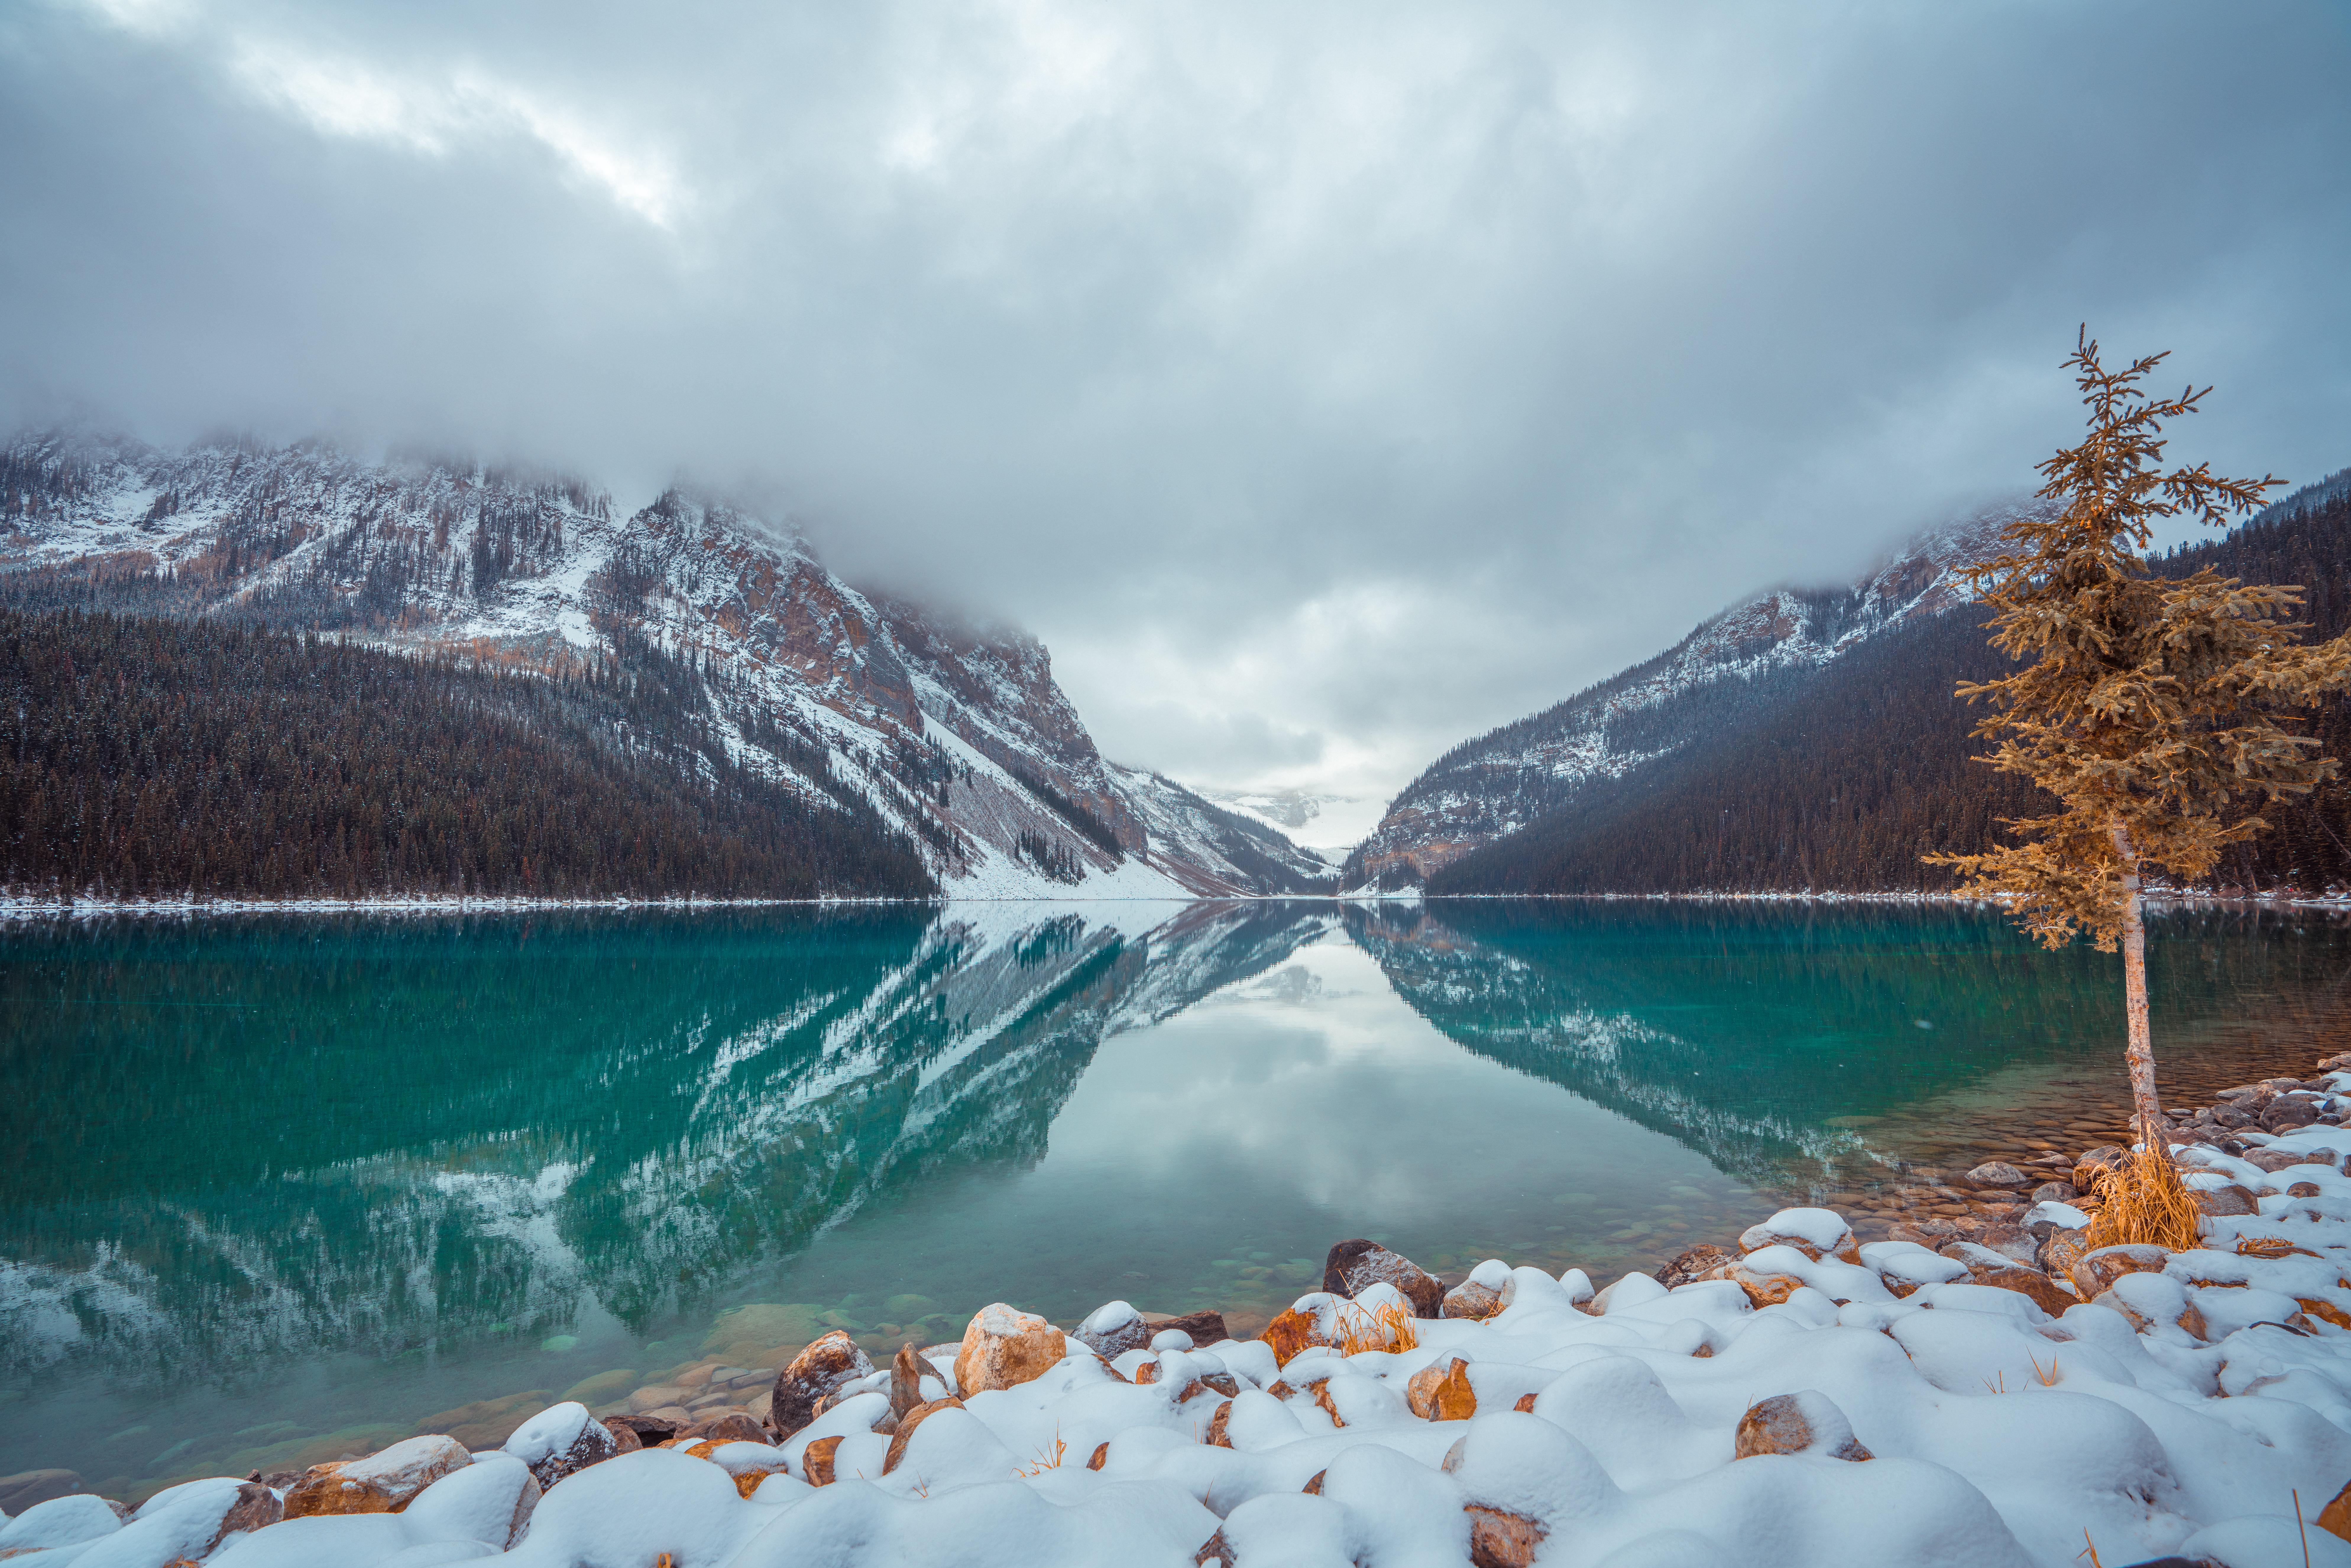 Fondos de pantalla Lago con niebla Louise en Canada